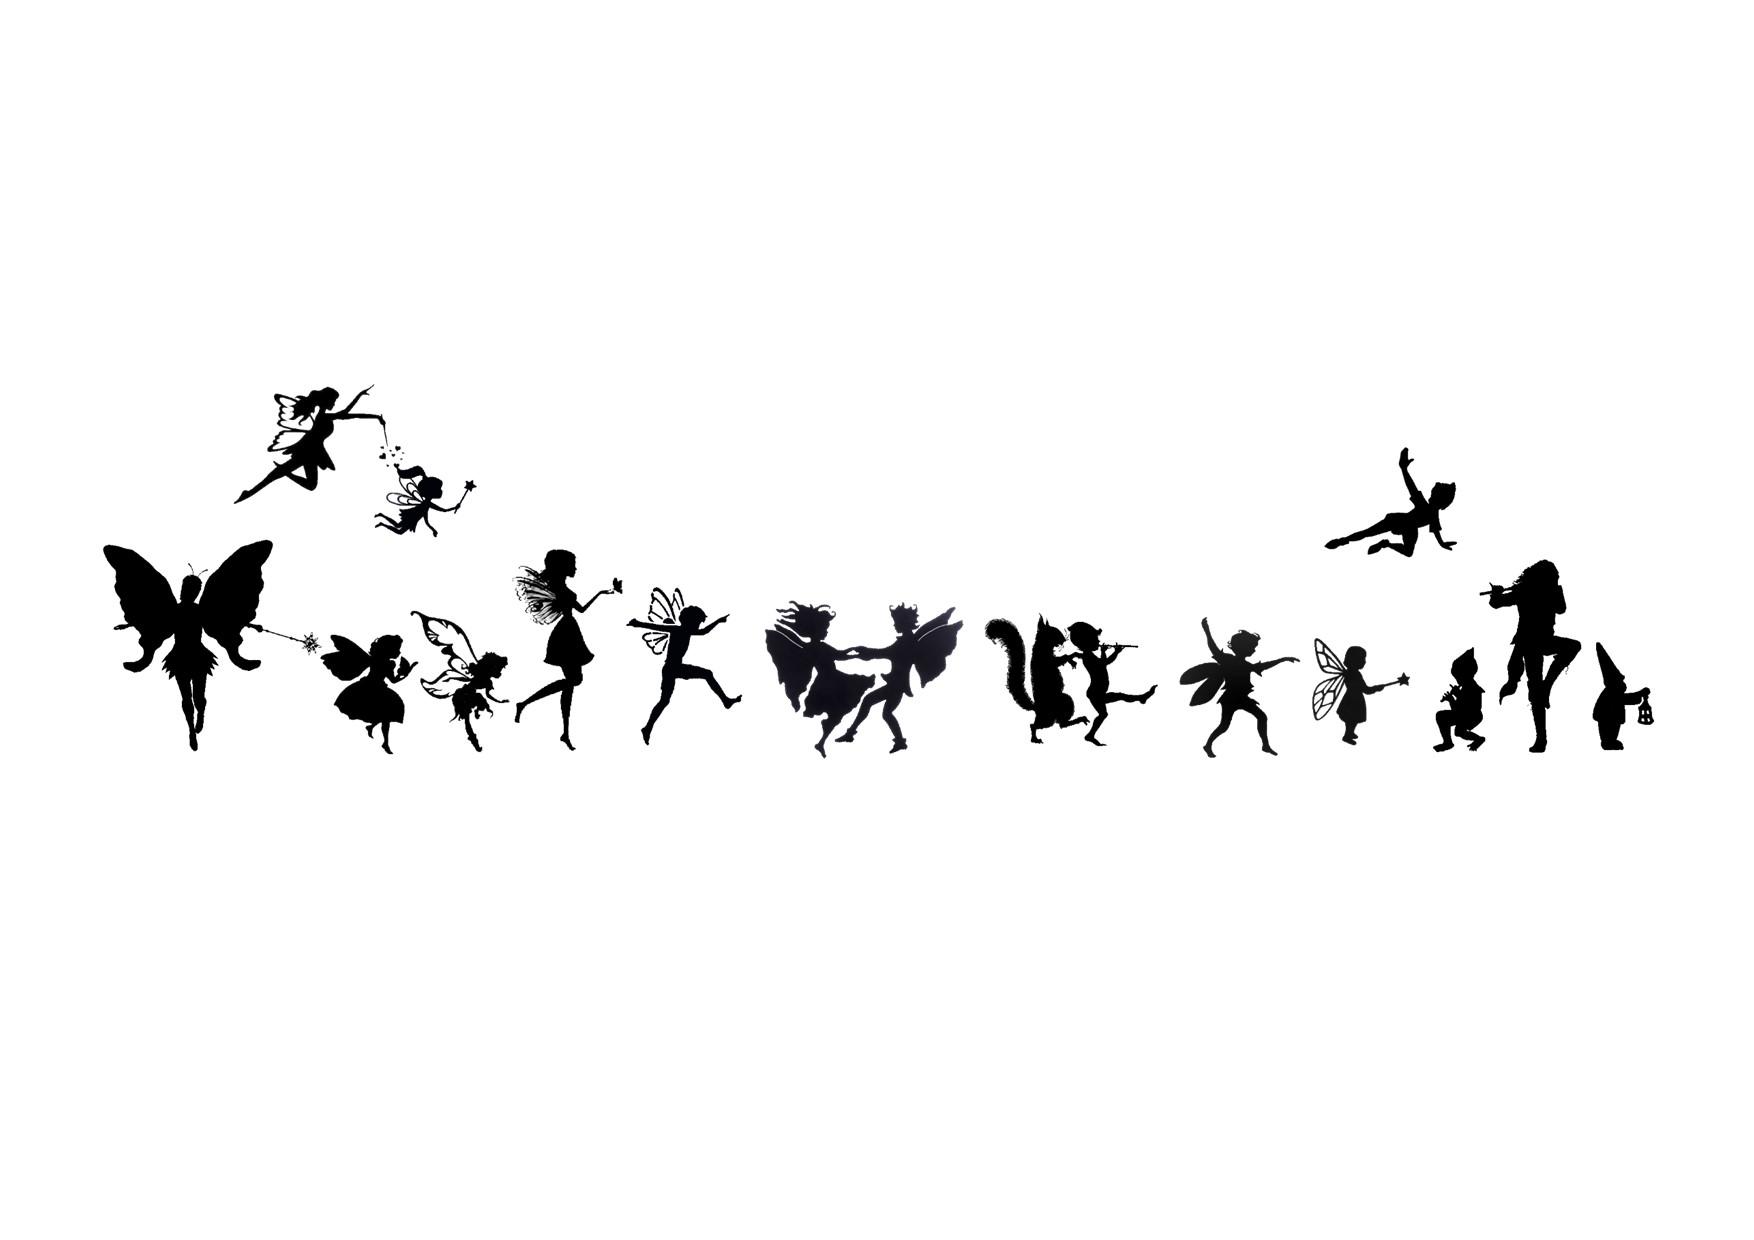 joyful line of Faerie Folk in silhouette